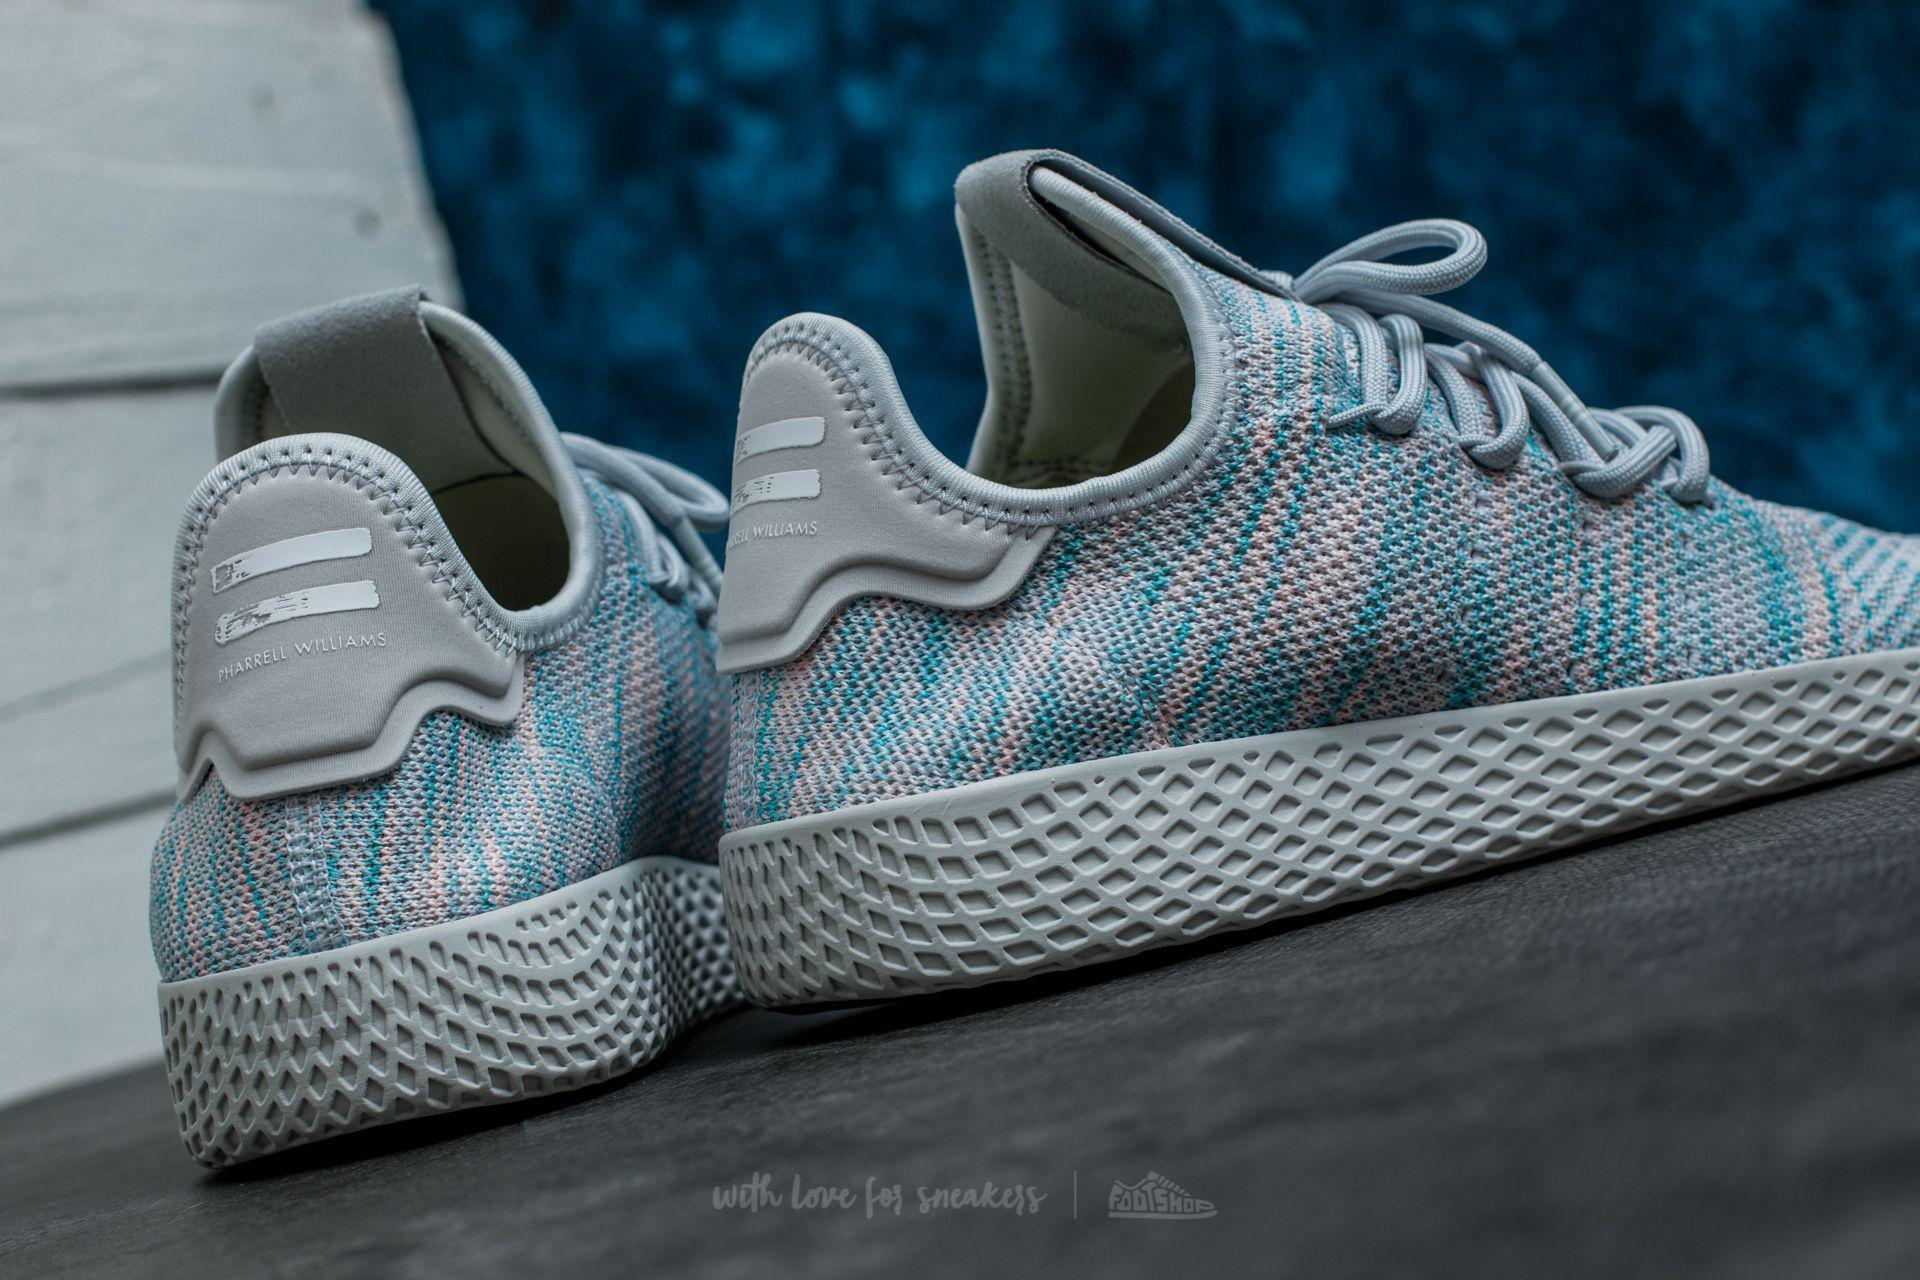 a4cc6b4e592c2 Lyst - adidas Originals Adidas Pharrell Williams Tennis Hu Light ...